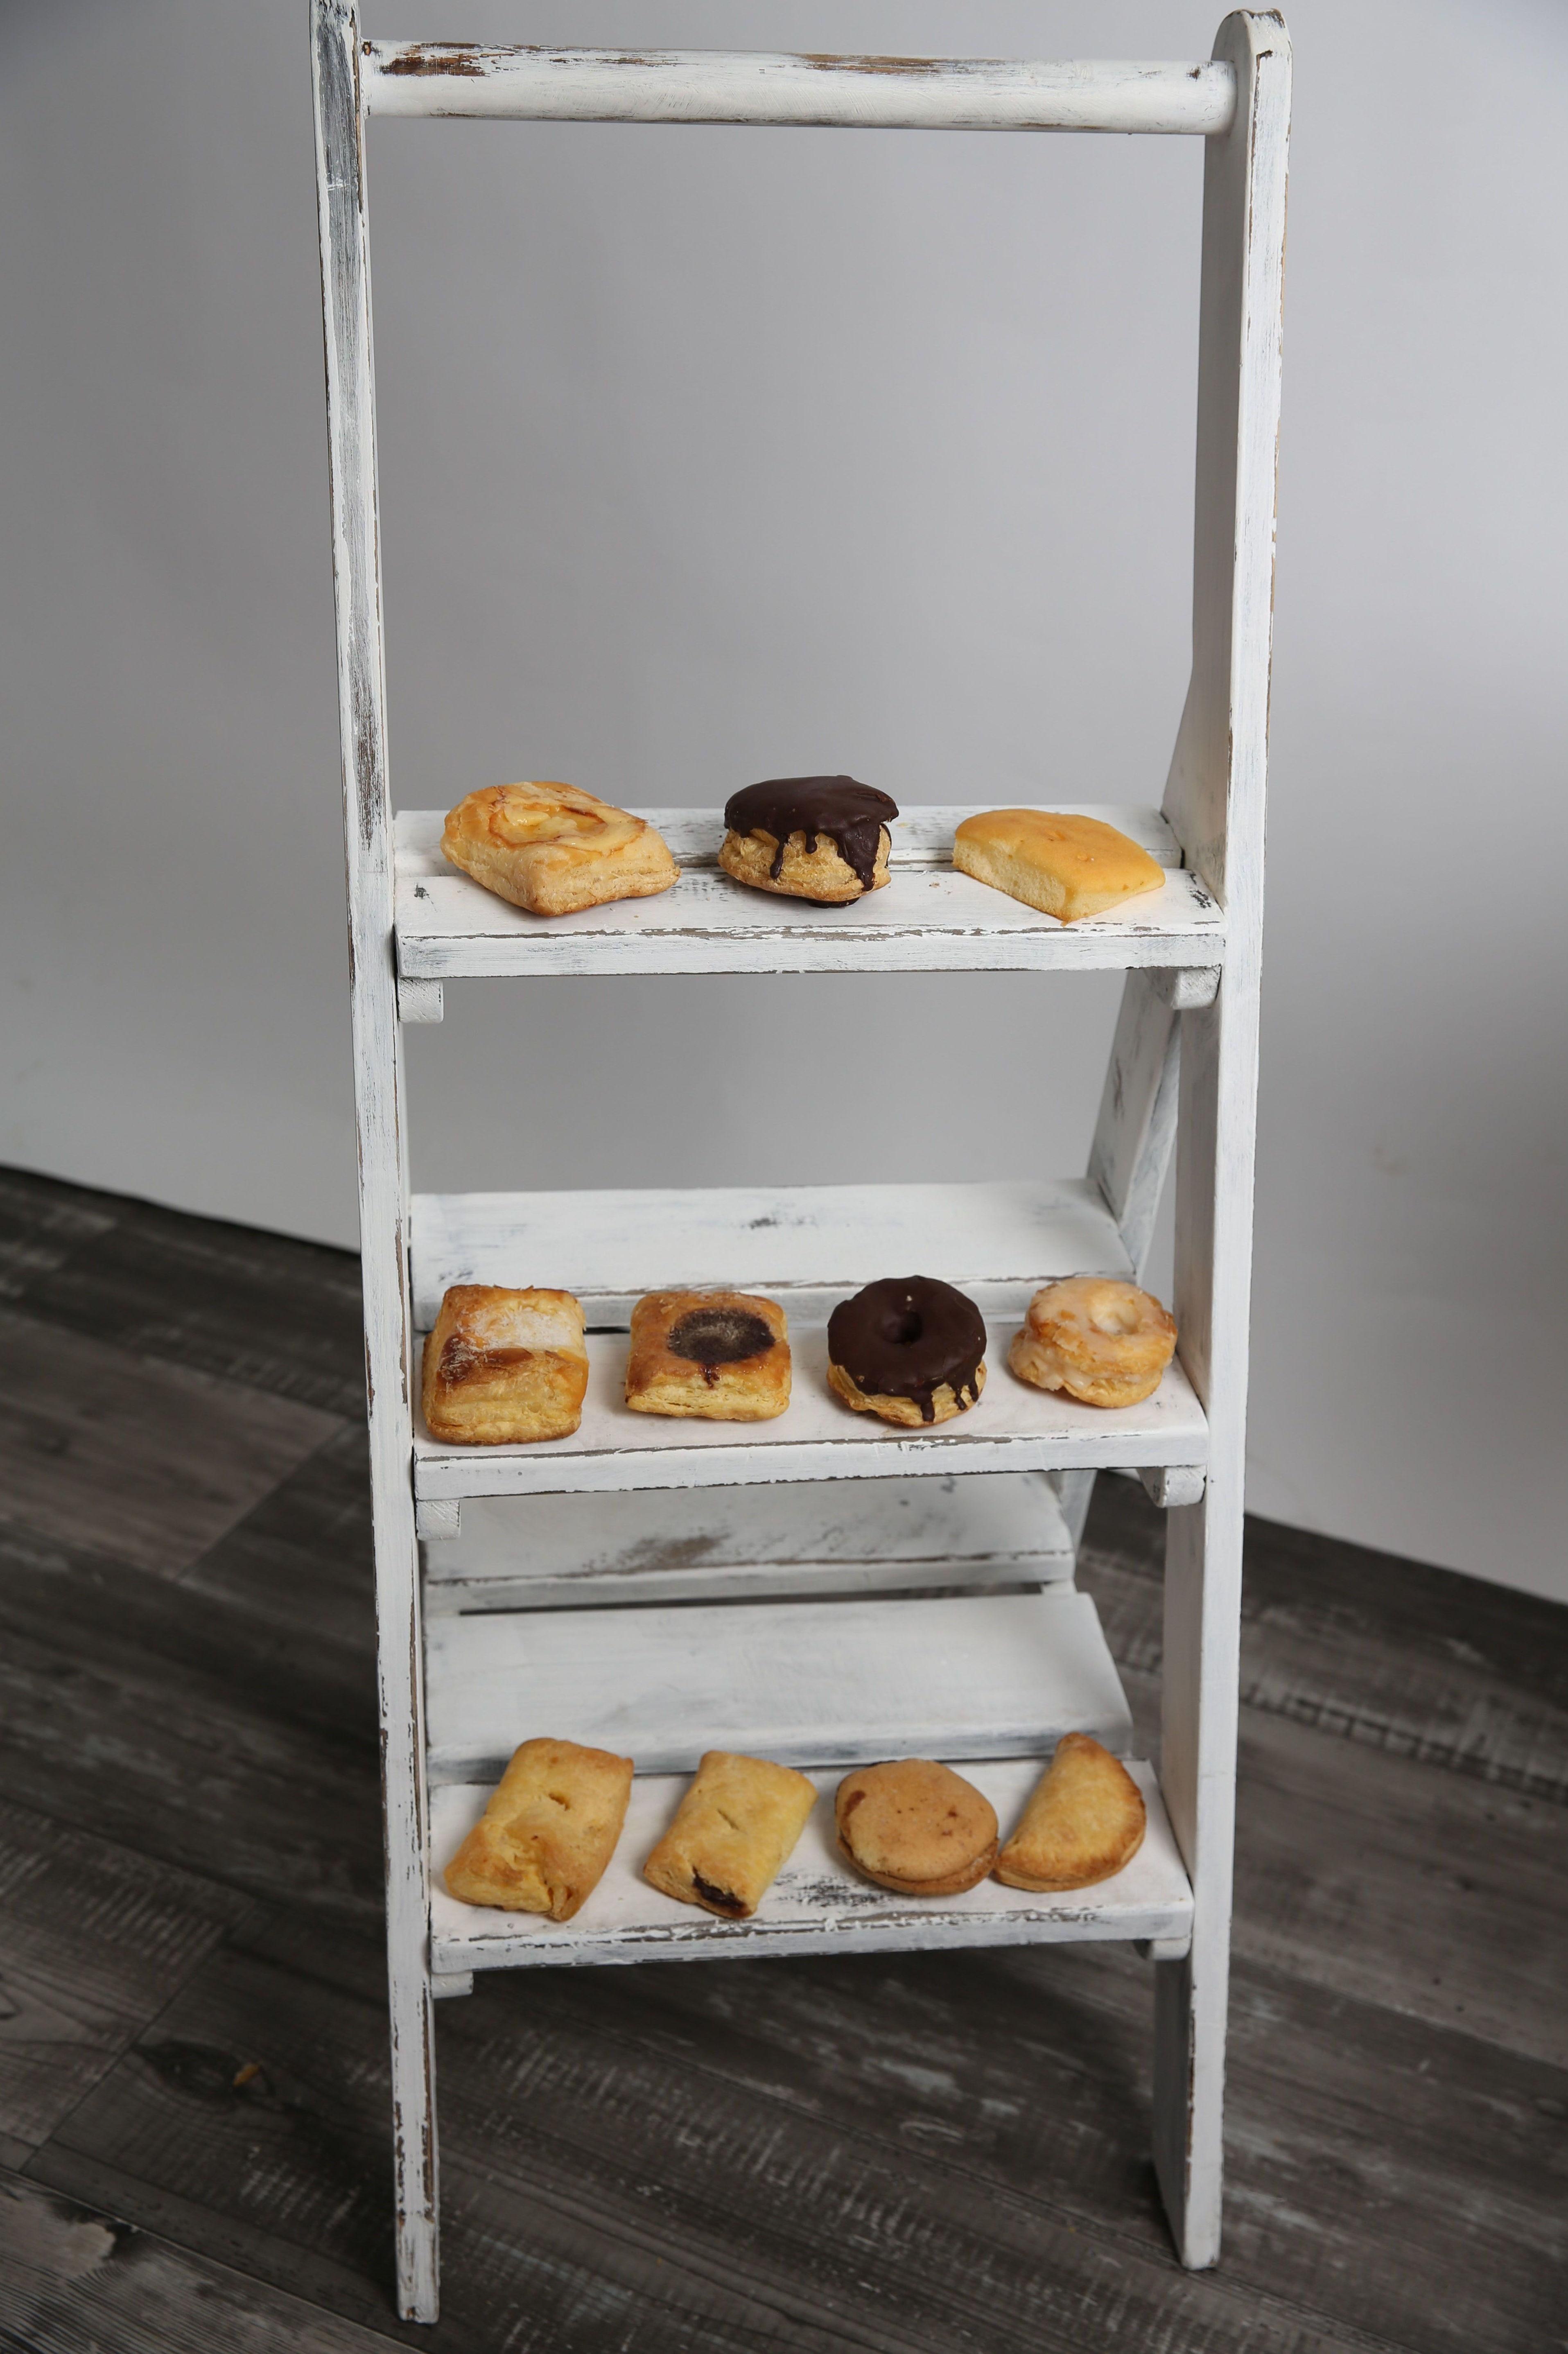 Foto 8 de Productos sin gluten y sin lactosa en Valencia | La Tatarabuela Magdalena